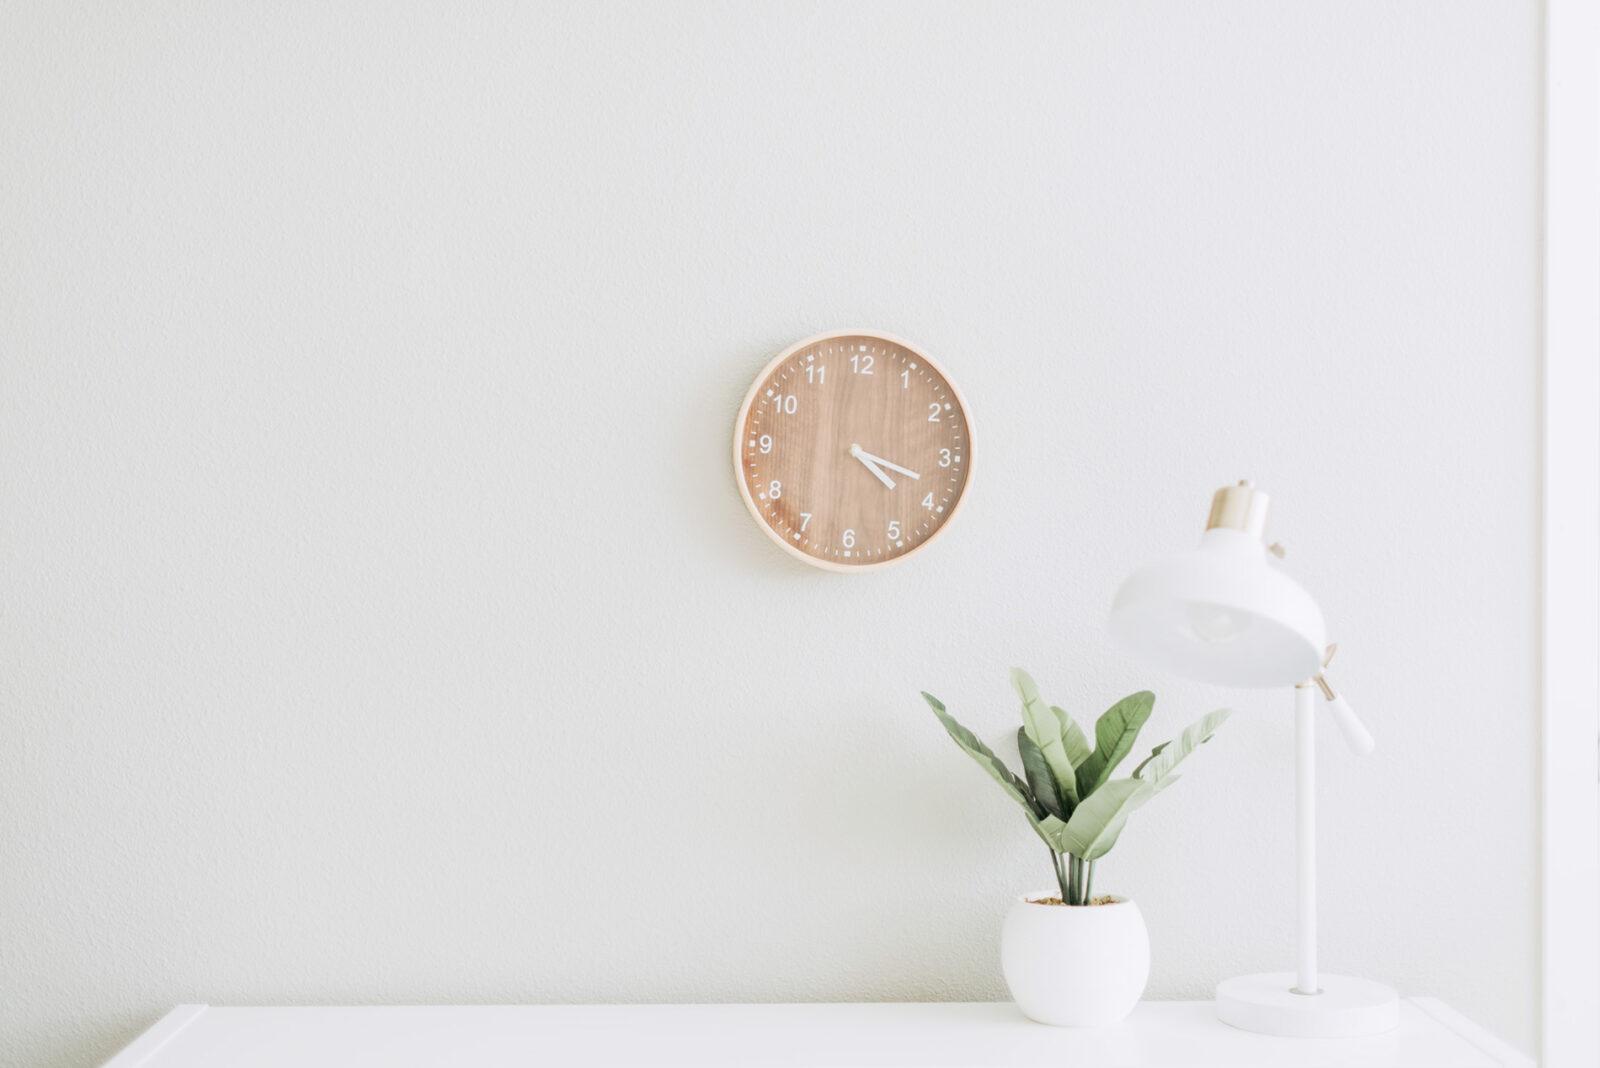 Un décor épuré et minimaliste représentatif du Ma.